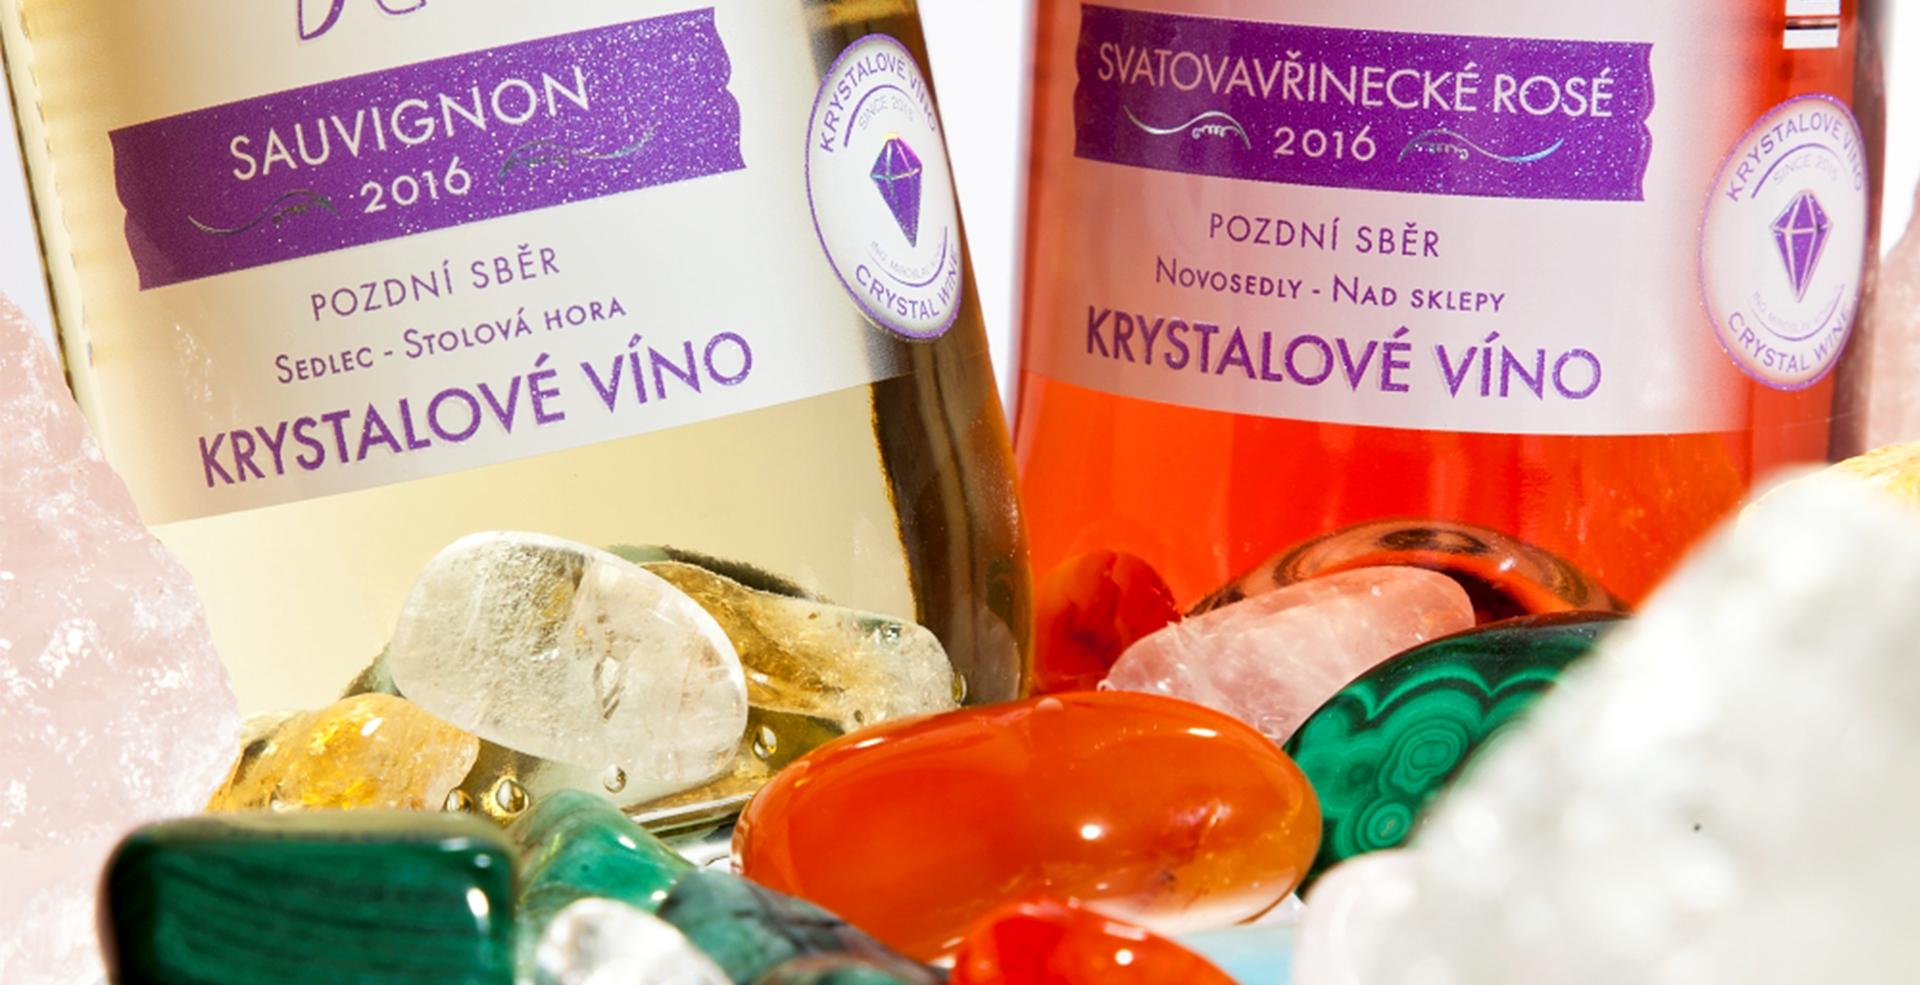 Krystalove vino